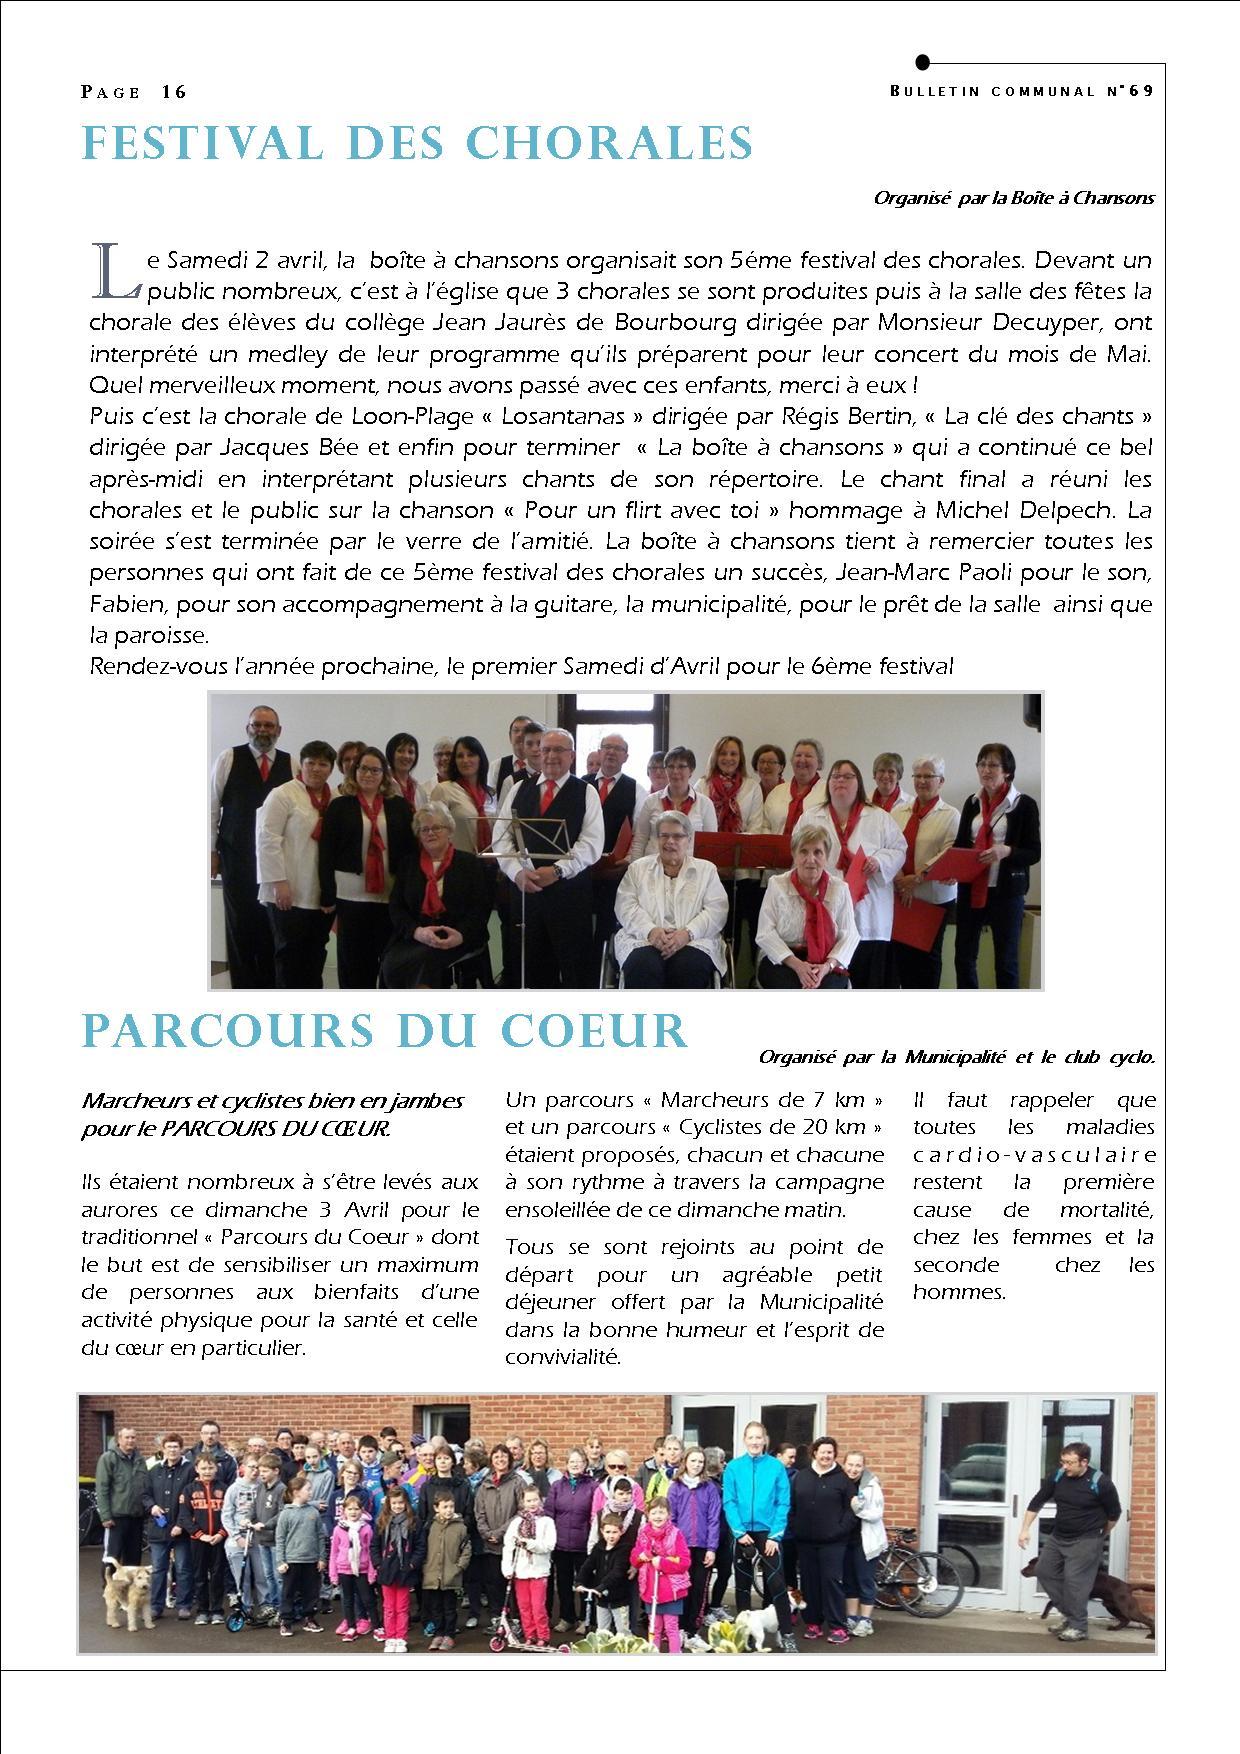 bulletin 69 p16